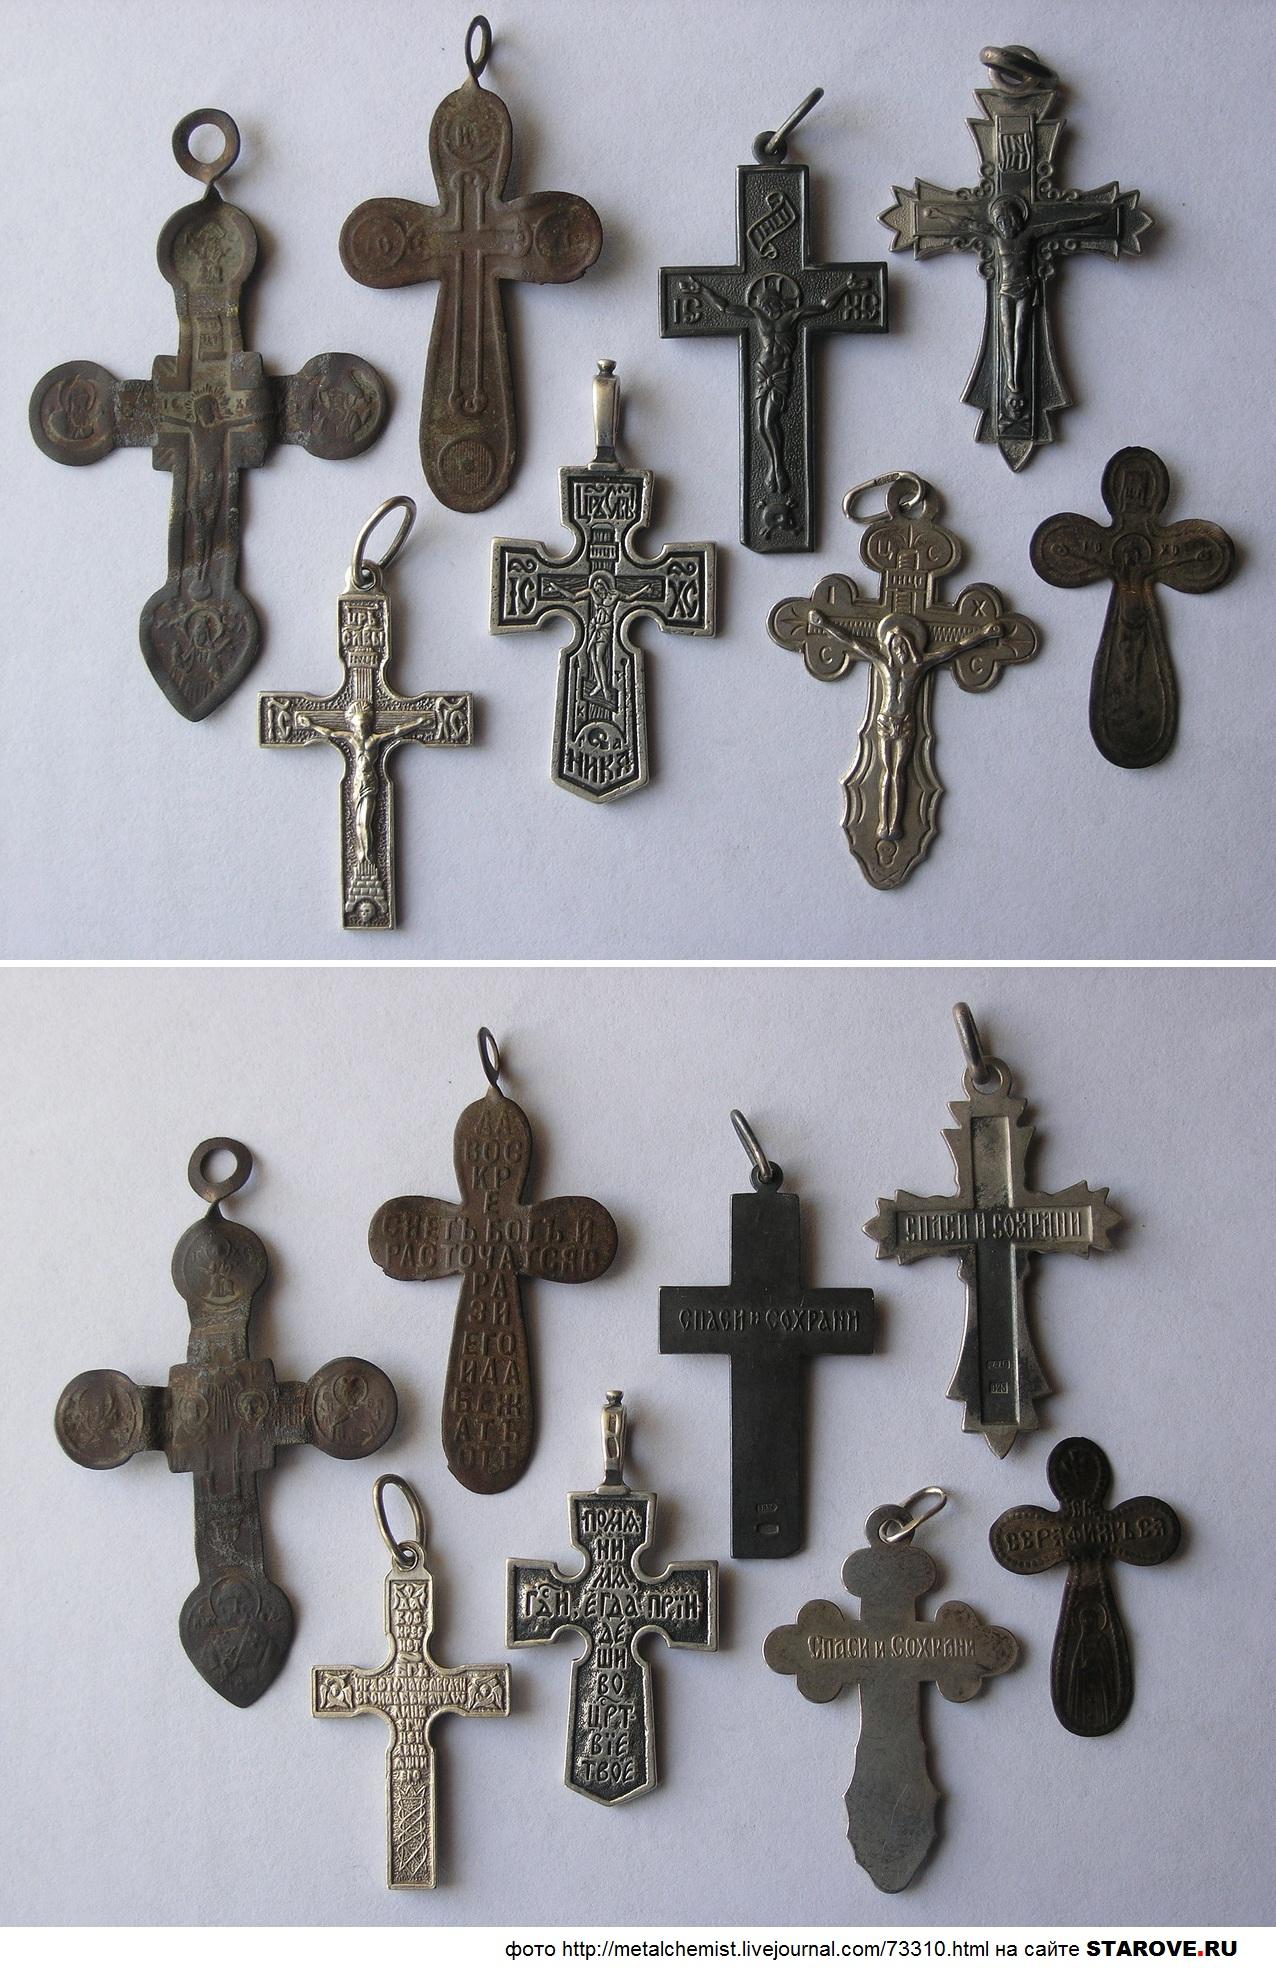 Пример неканоничных новообрядческих крестов разных времён, не используемых старообрядцами